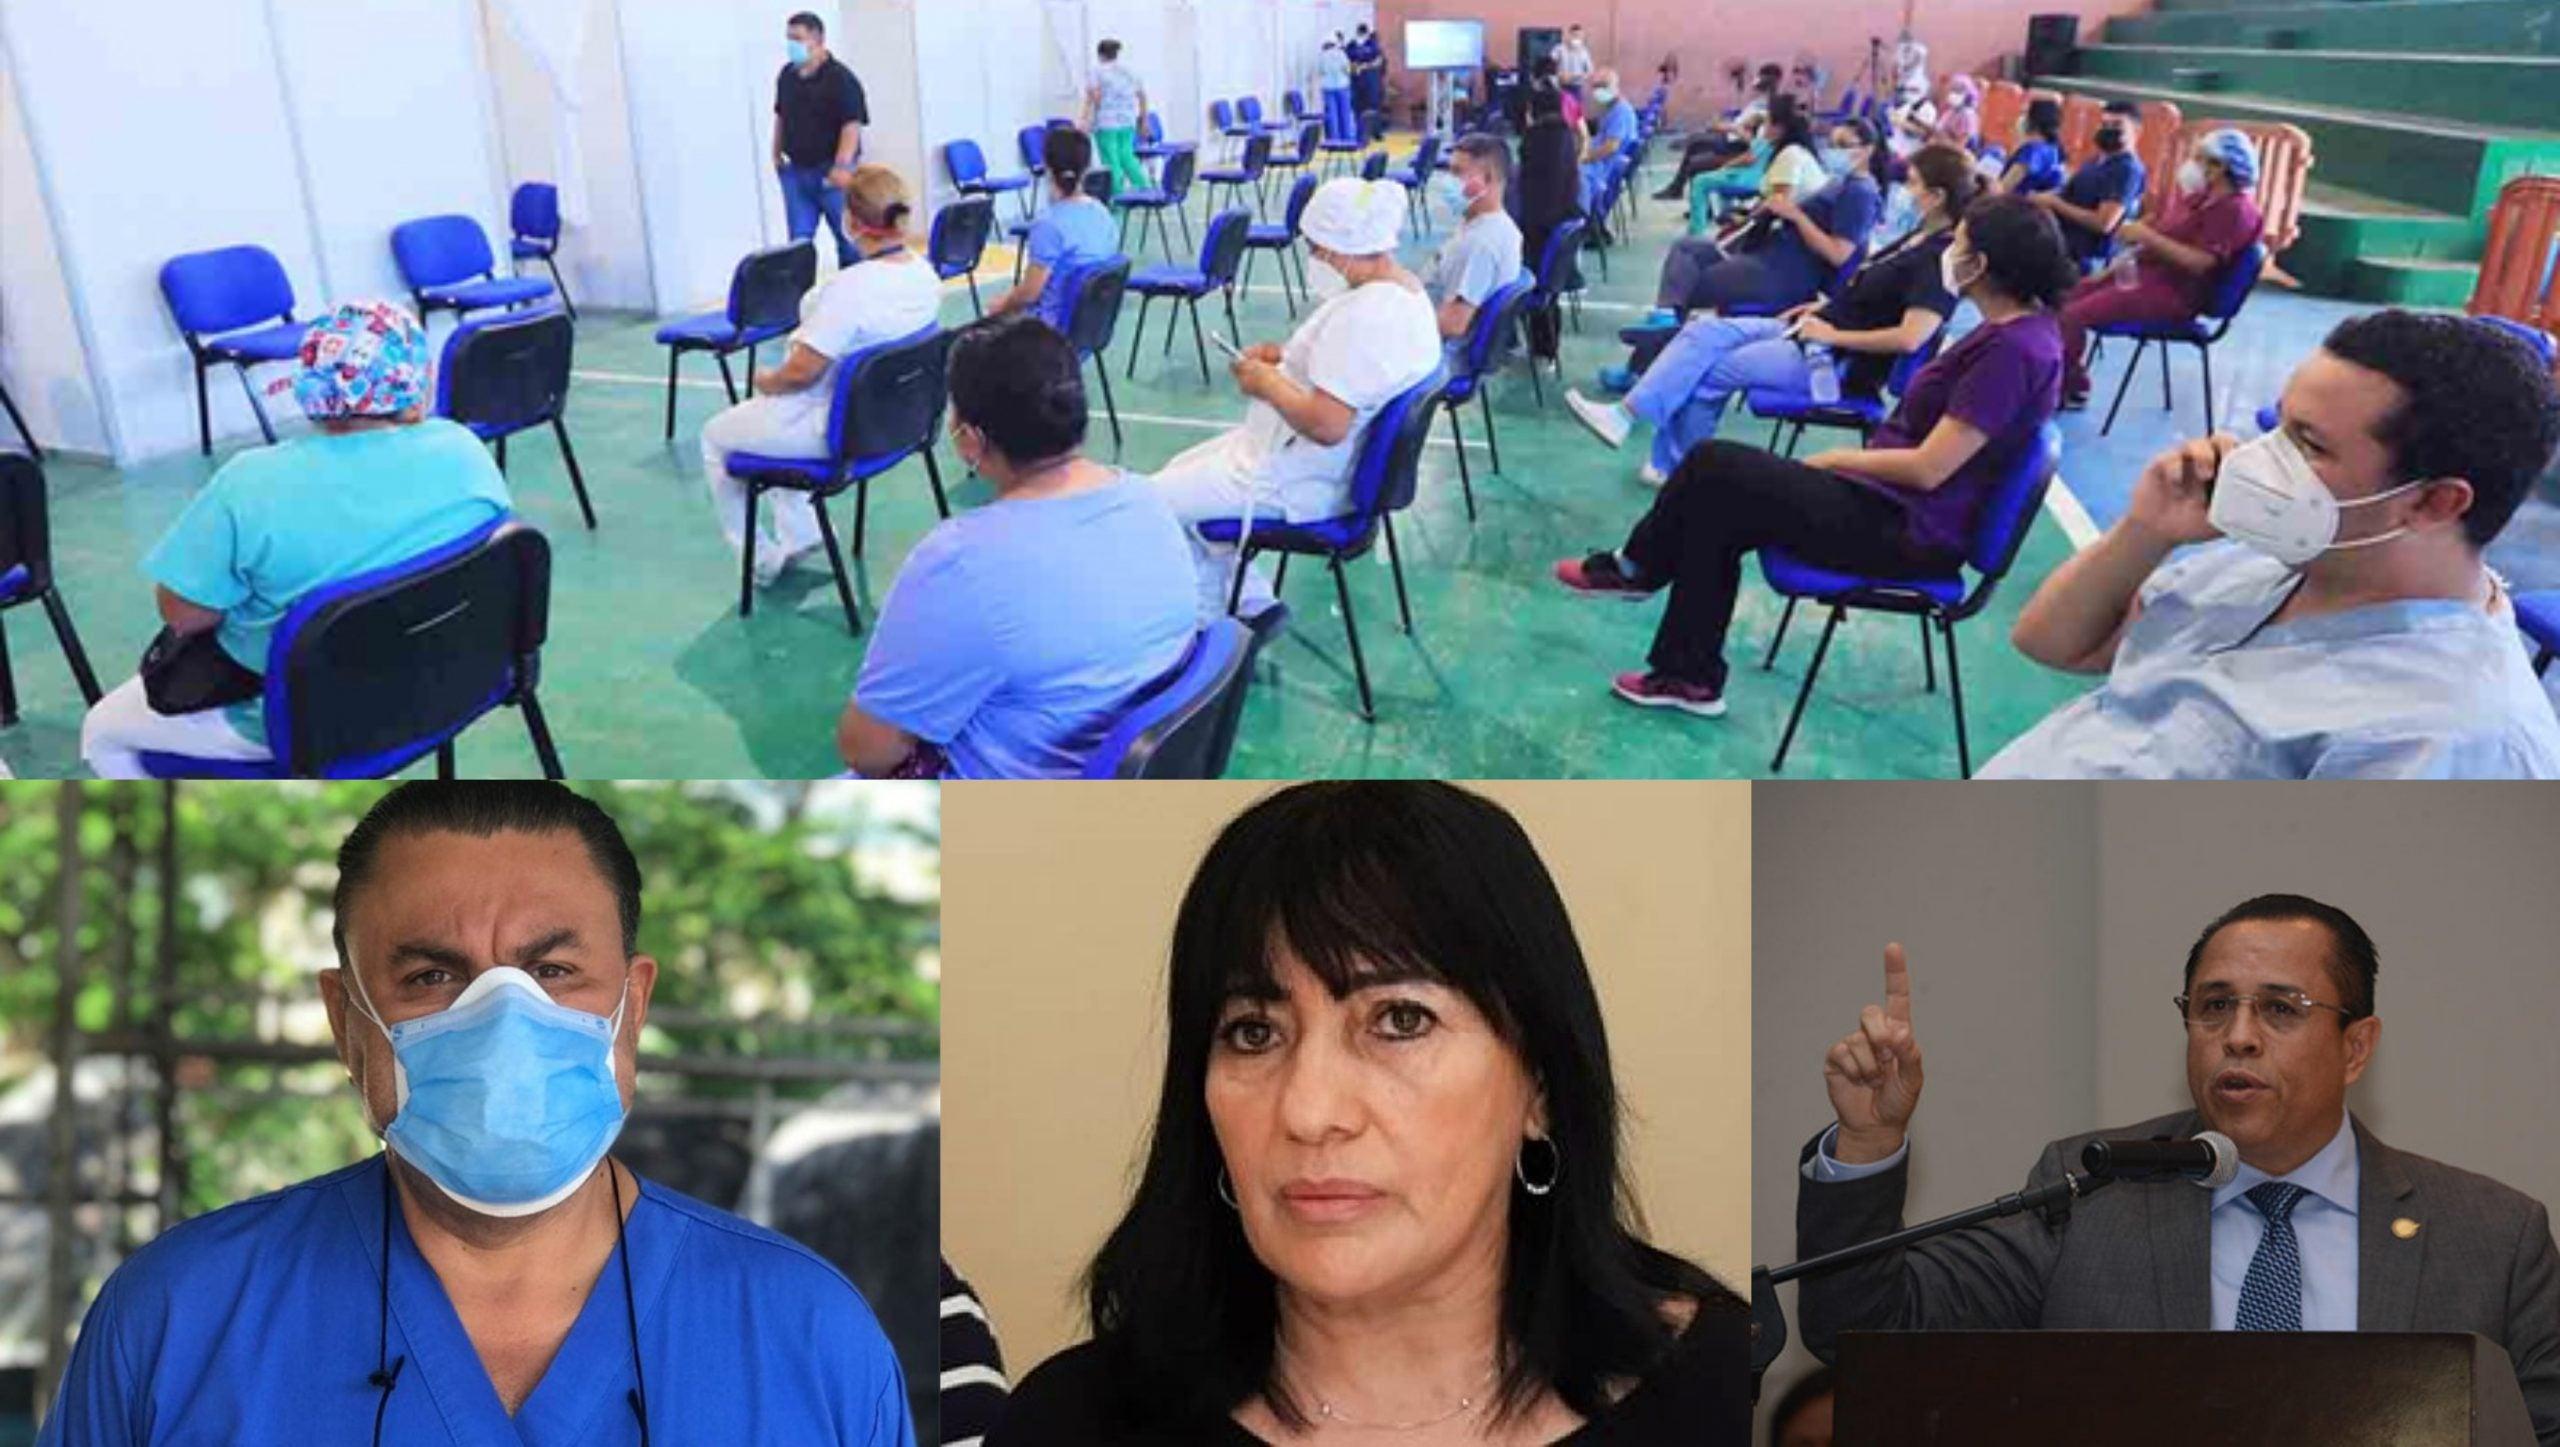 Callar médicos triajes coartar libre expresión